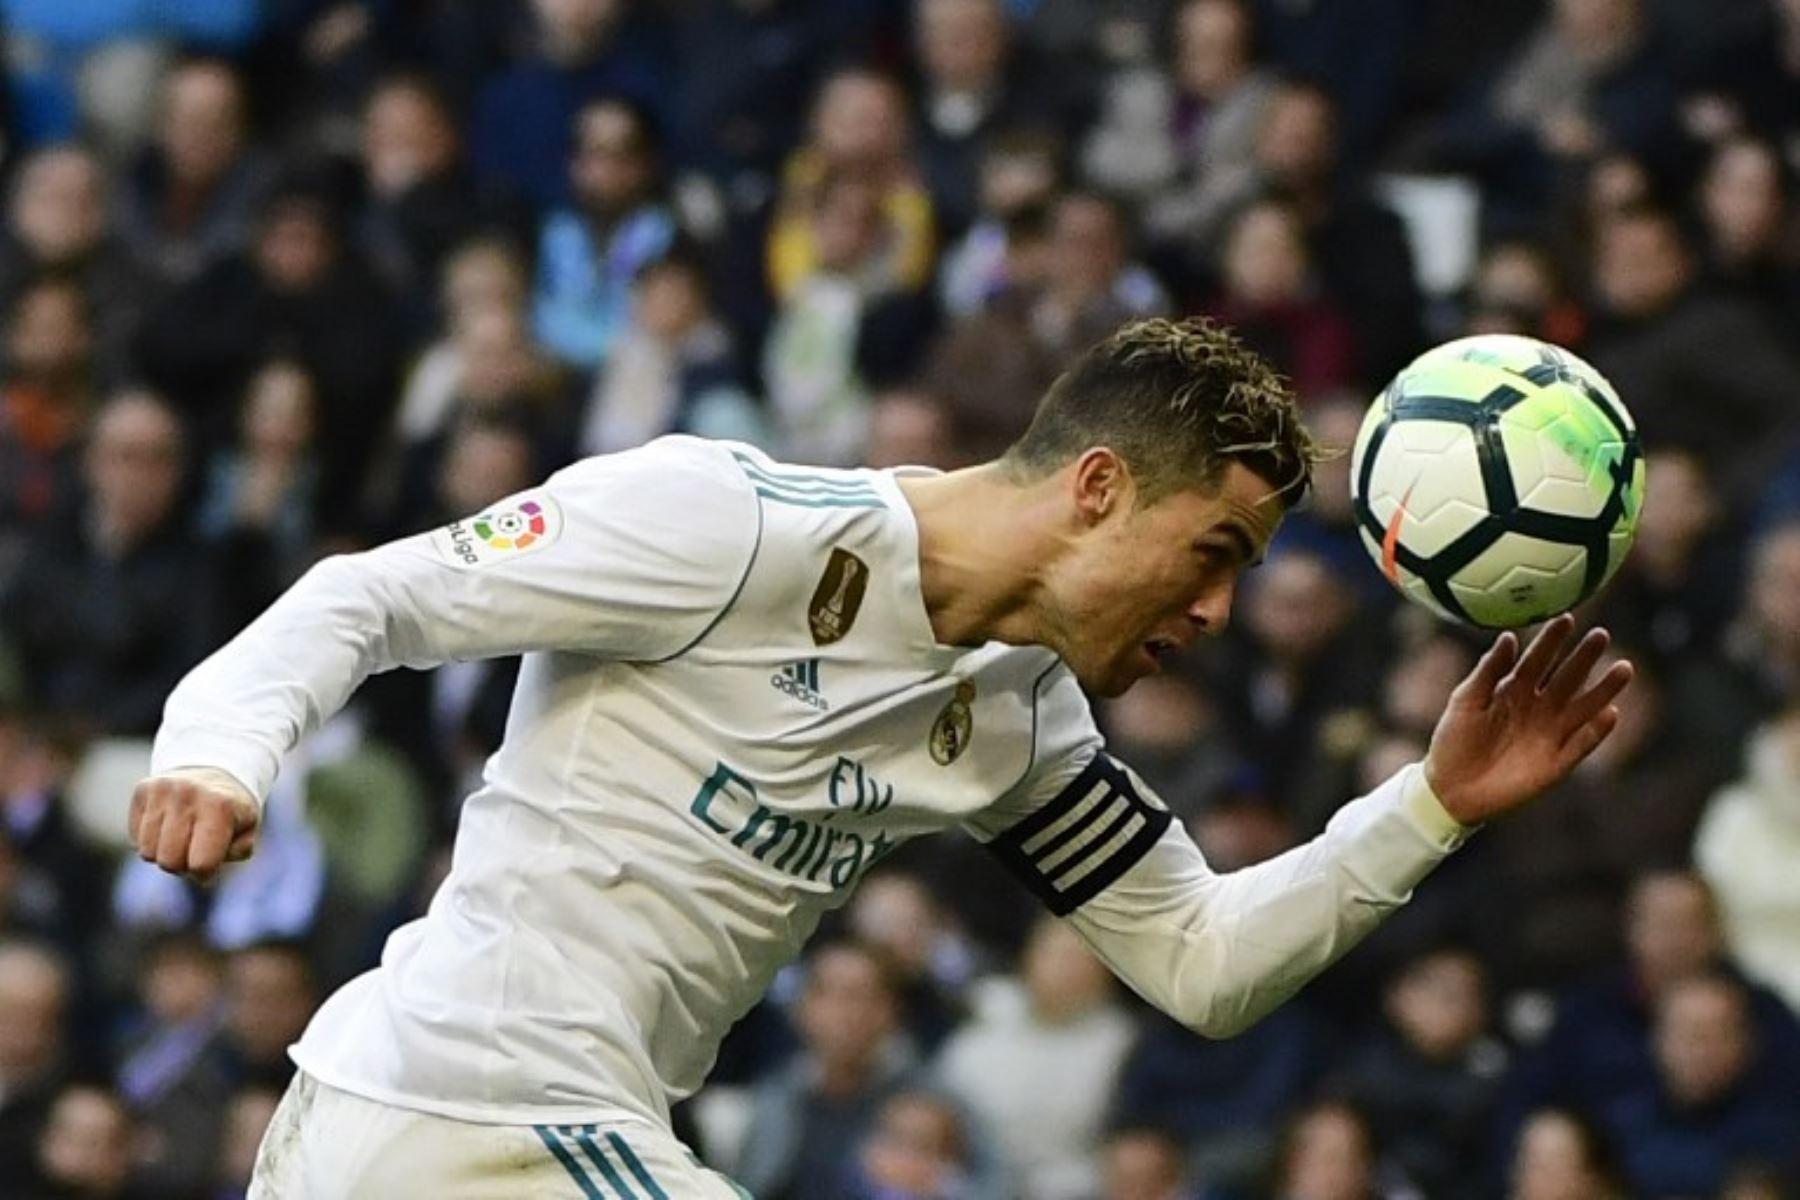 El delantero del Real Madrid Cristiano Ronaldo cabecea la pelota , durante el partido que el Real Madrid CF gano 4 a 0 al Deportivo Alavés en el estadio Santiago Bernabéu de Madrid.Foto:AFP